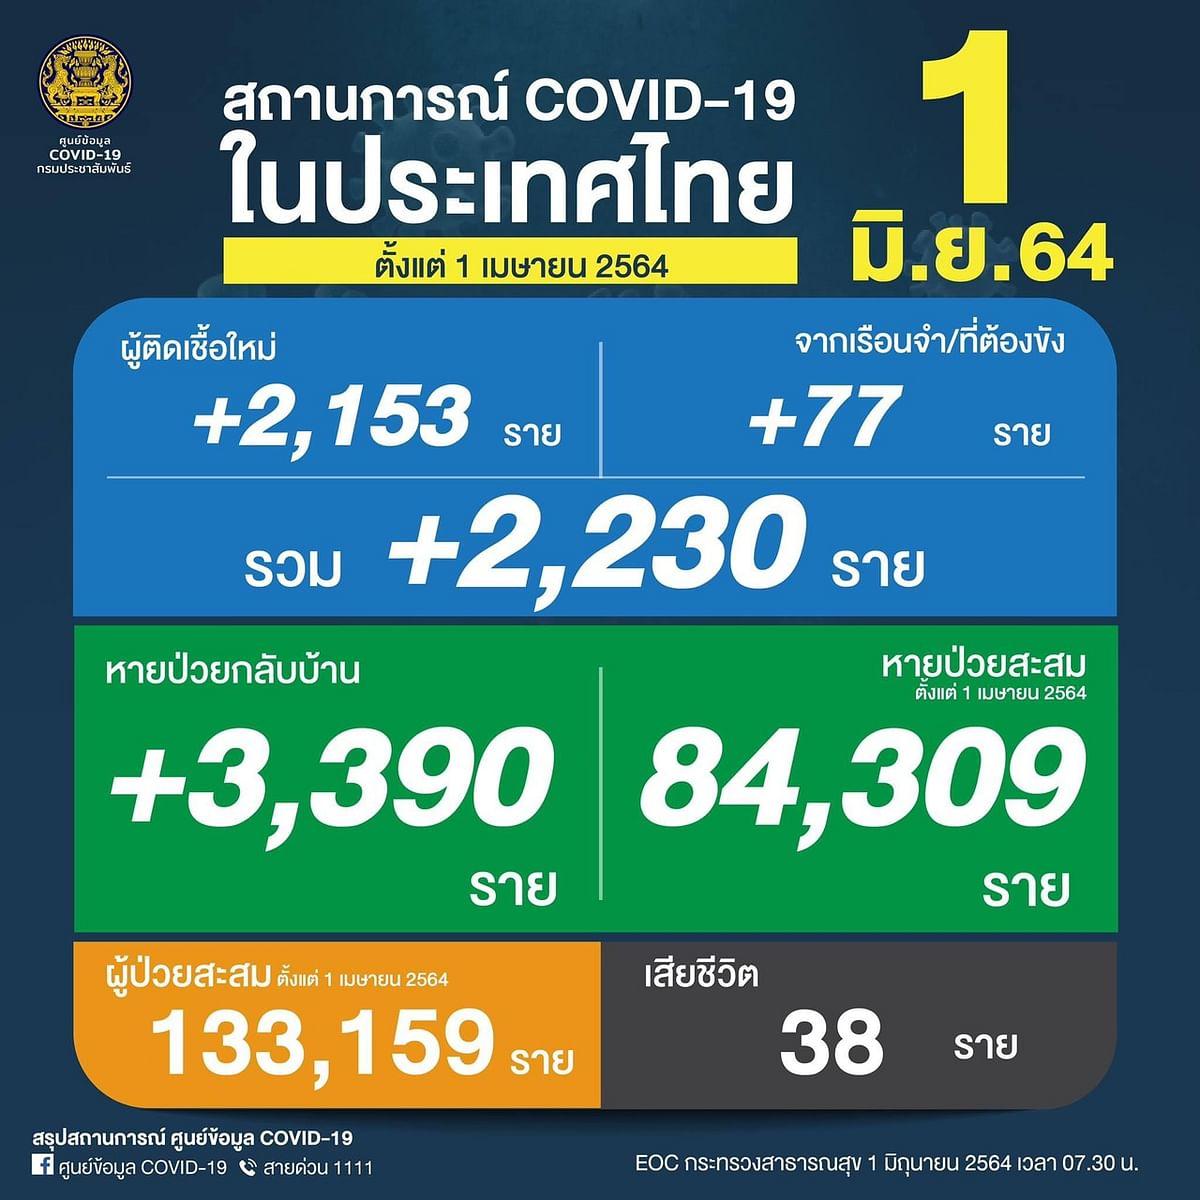 อัพเดทสถานการณ์การติดเชื้อโควิด-19 ในประเทศไทย วันที่ มิ.ย.64